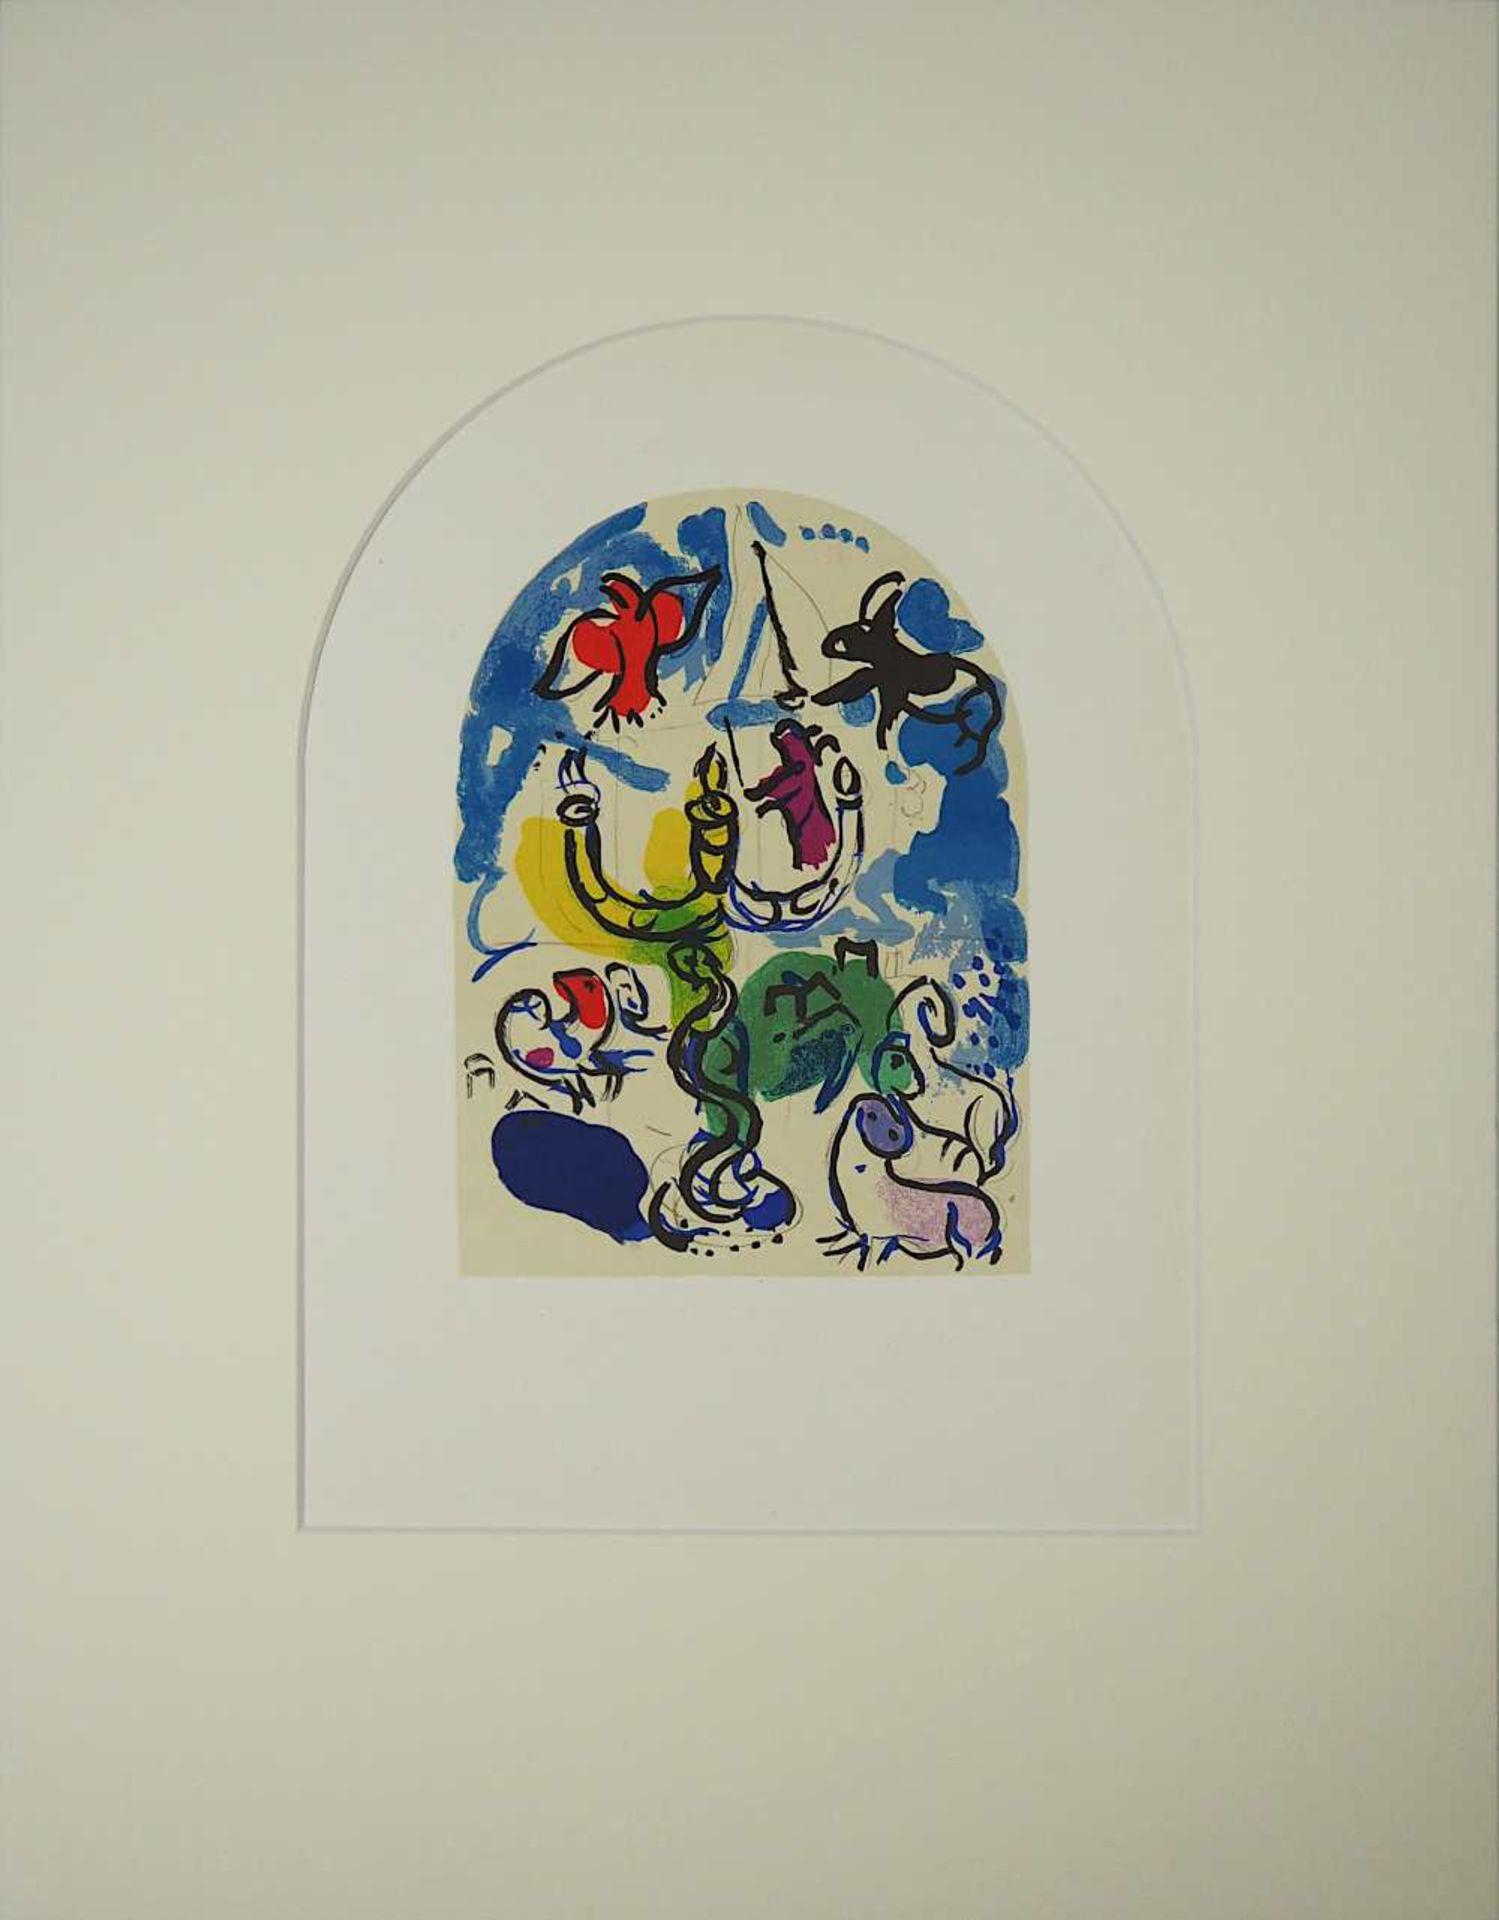 """2 Farblithographien """"Jerusalemer Fenster"""" zugeschr. Marc CHAGALL (wohl 1887-1985) je m - Bild 4 aus 4"""